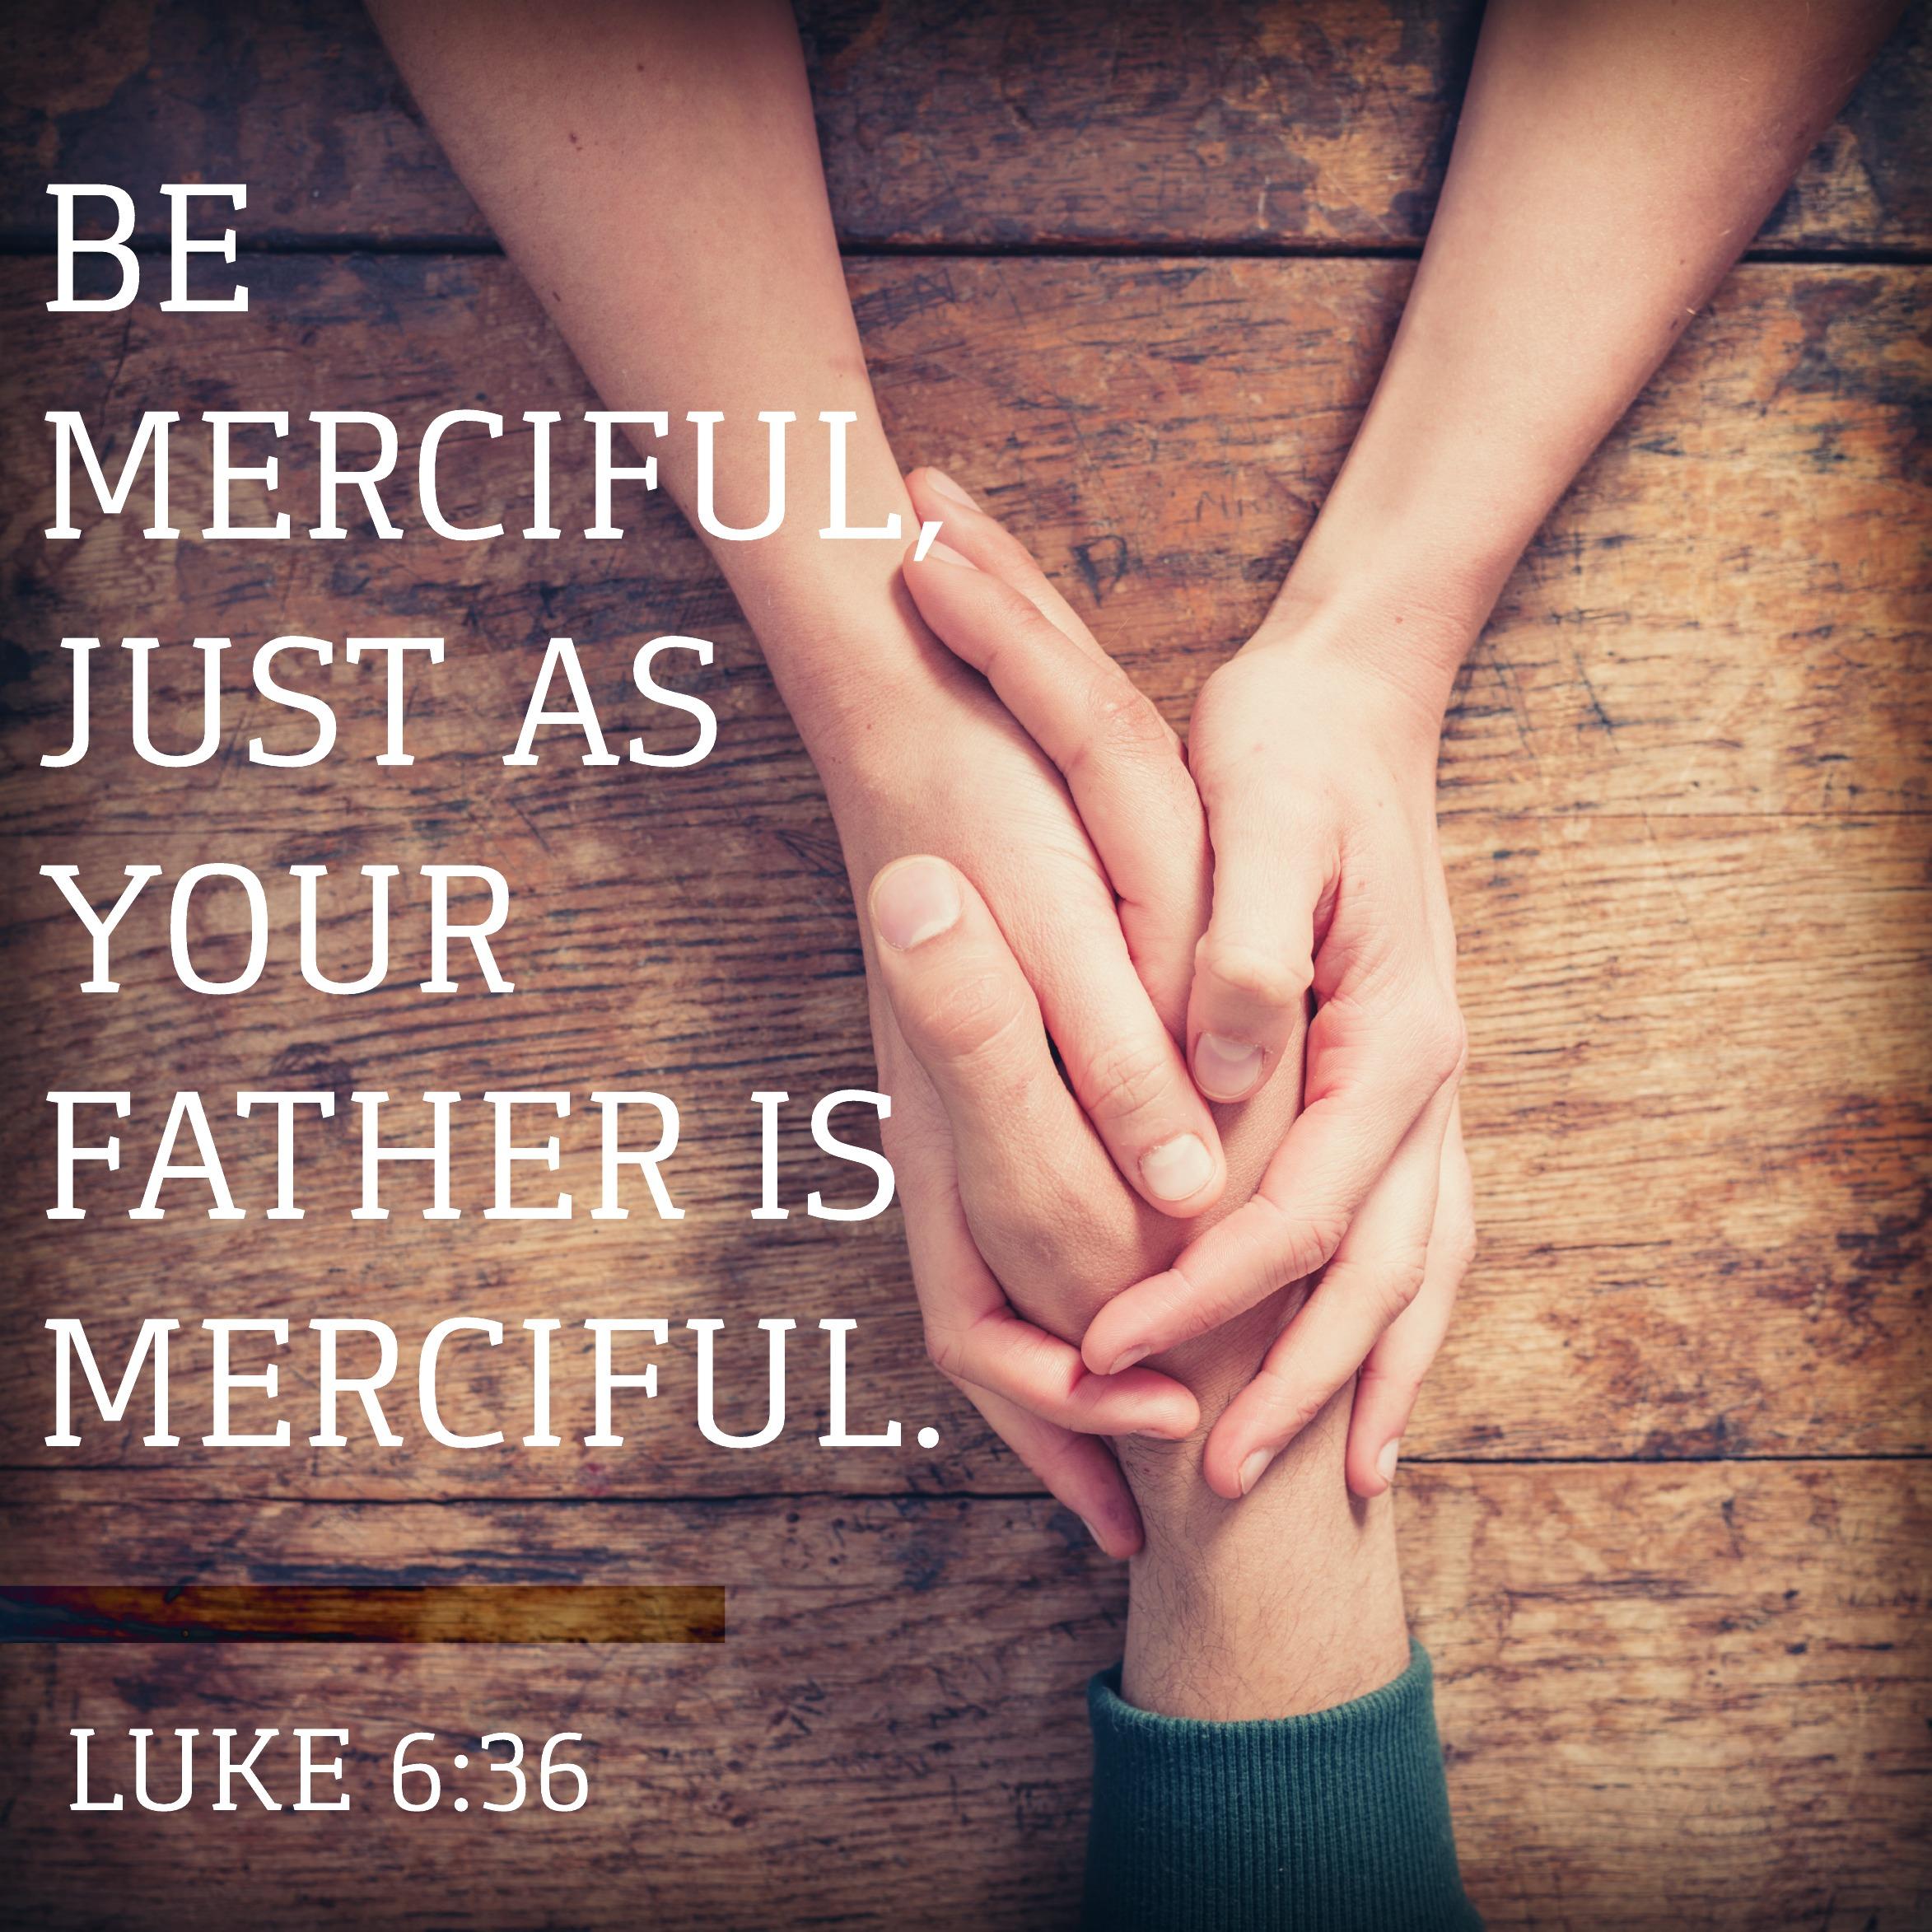 Hasil gambar untuk Luke 6:36